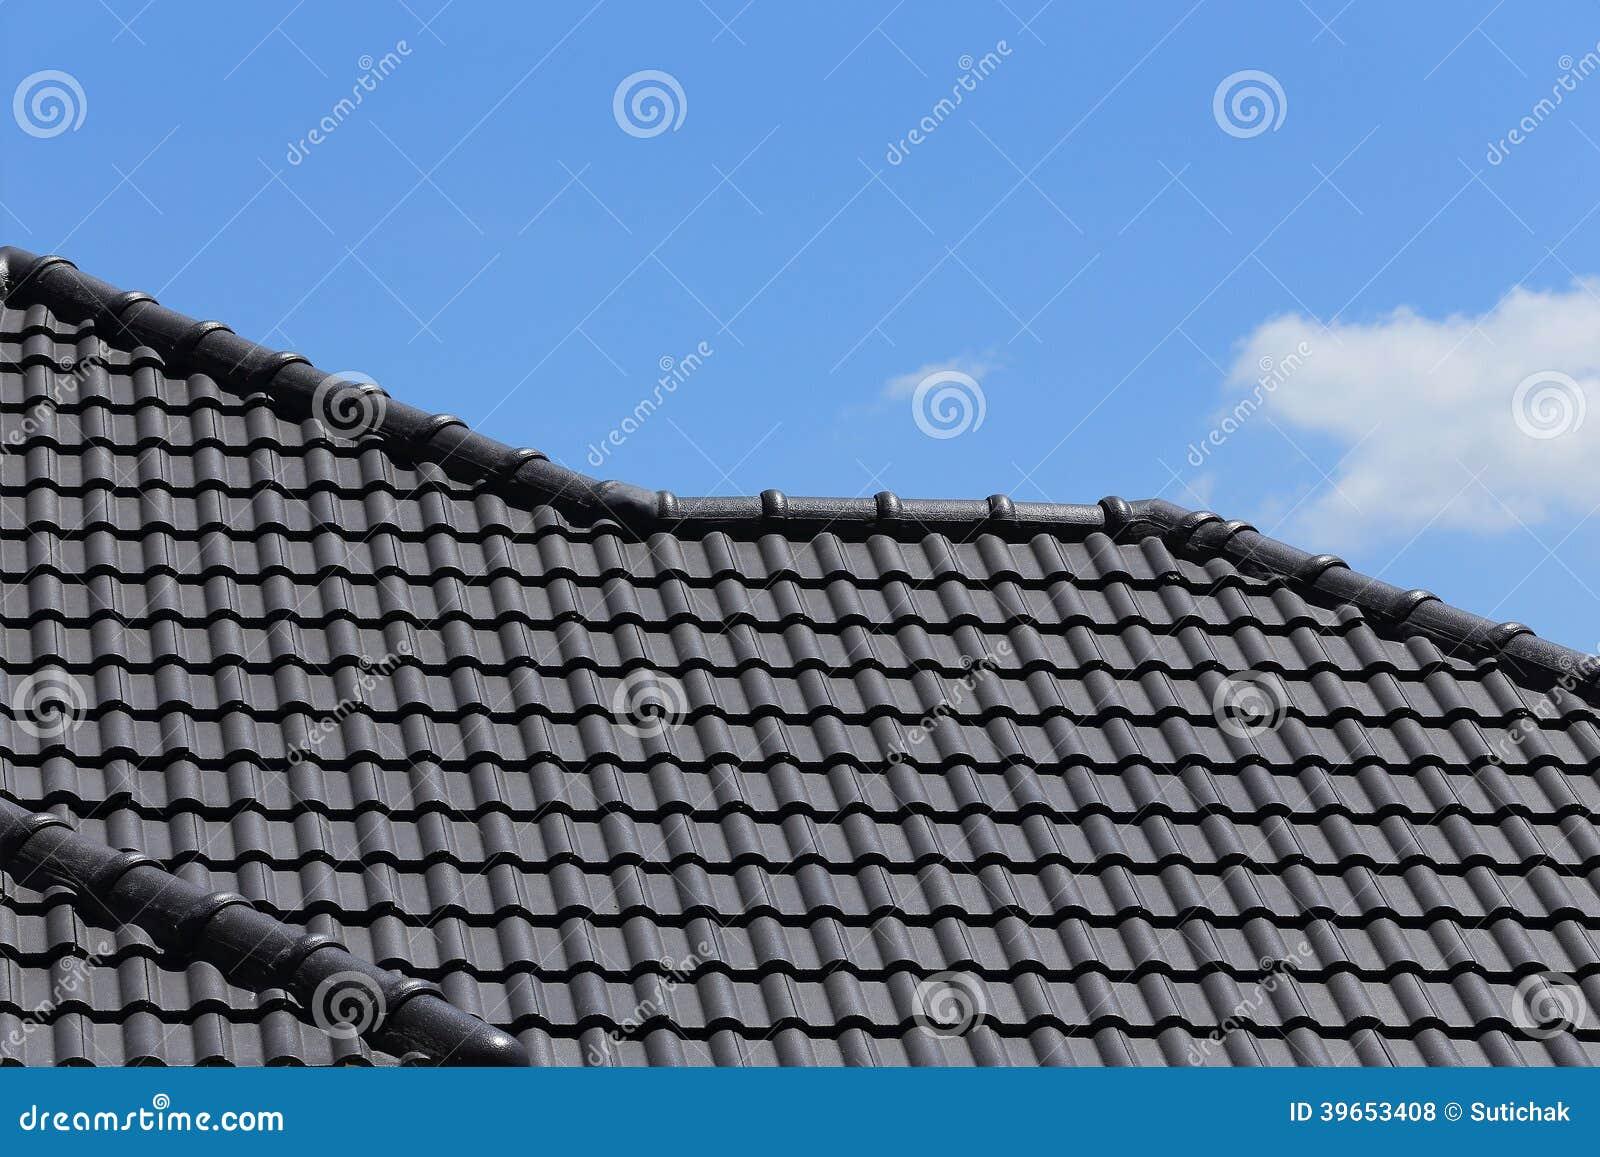 Een Nieuw Huis : Zwart tegelsdak op een nieuw huis stock foto afbeelding bestaande